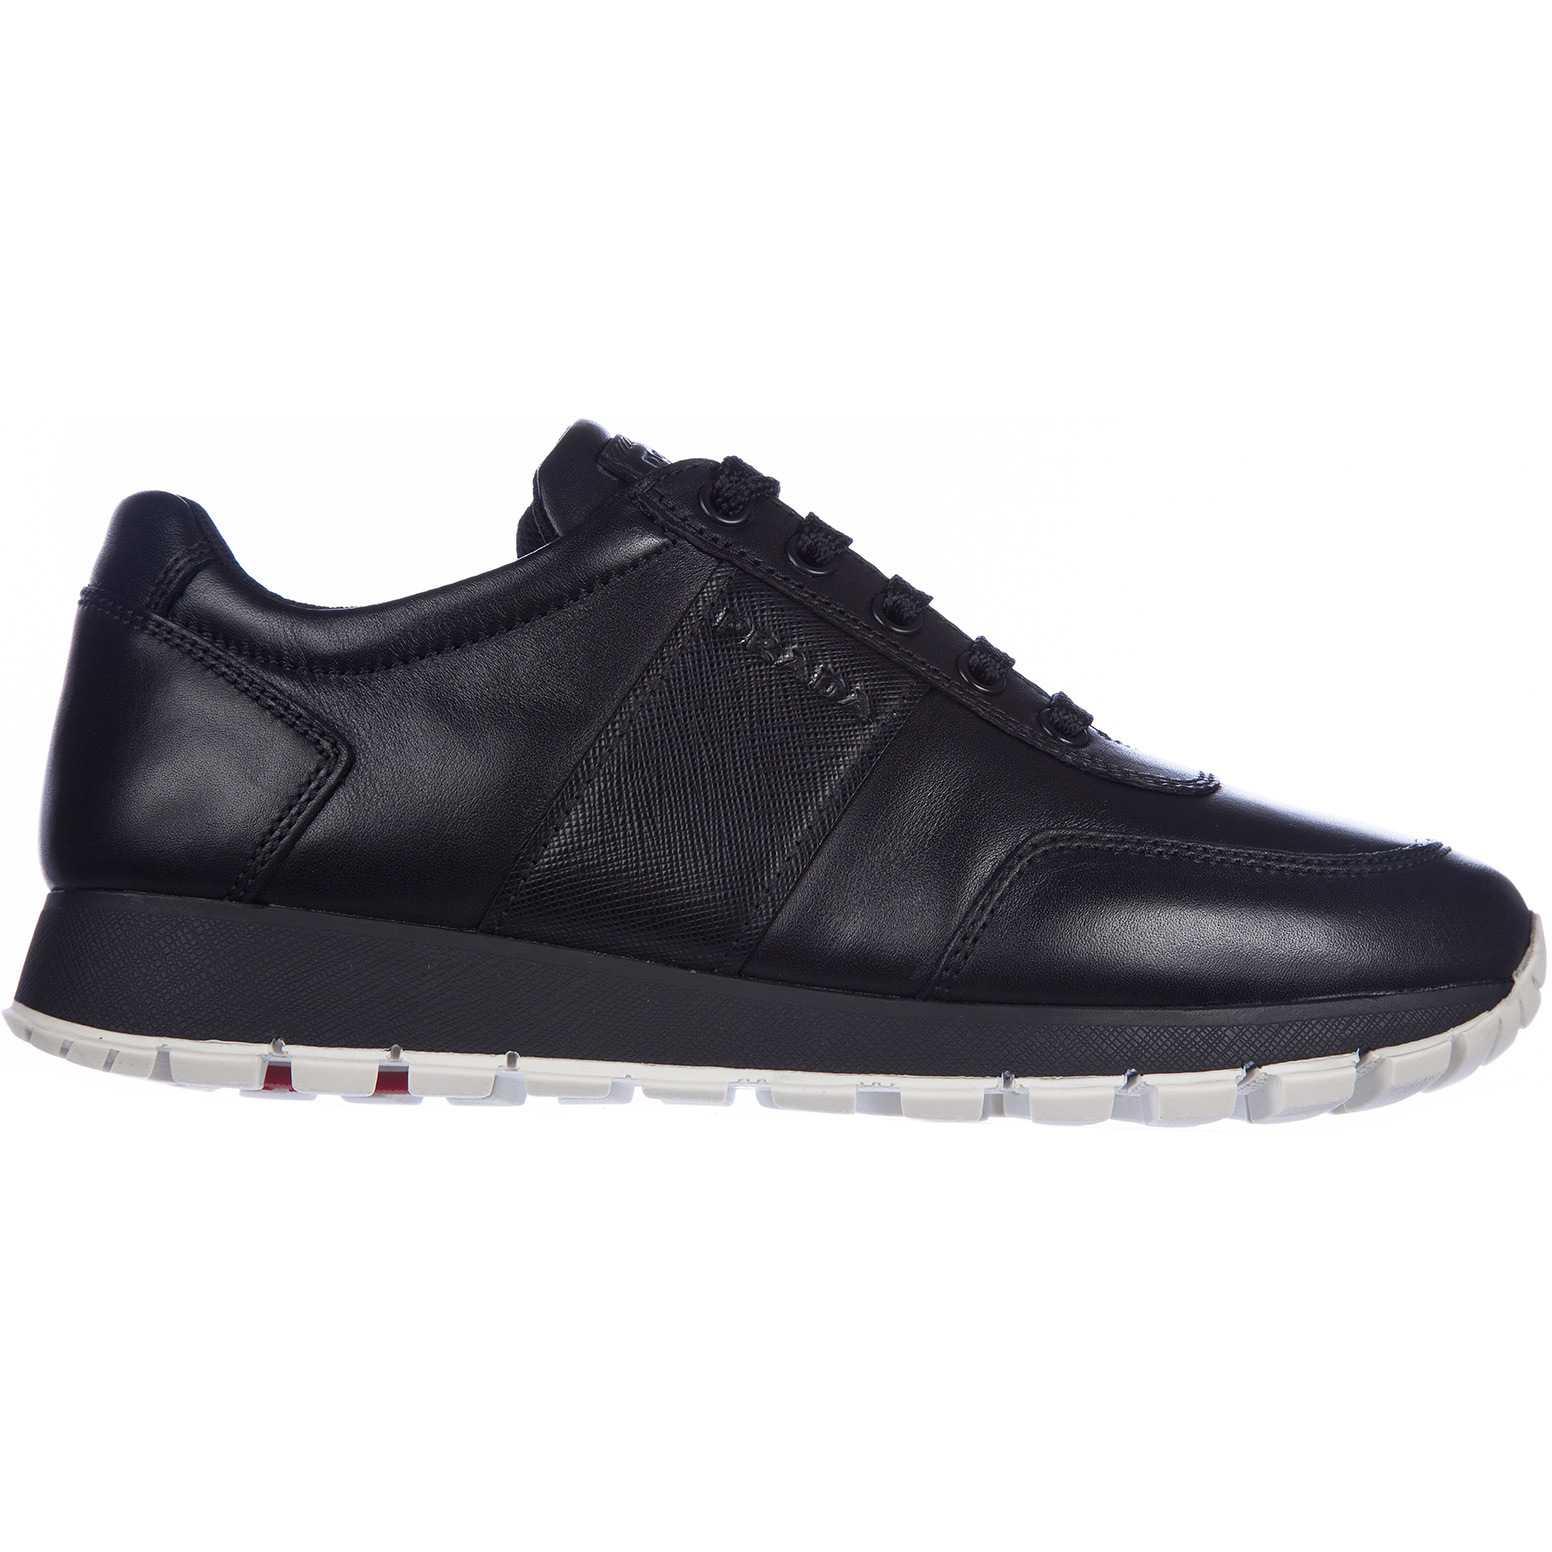 Prada Leather Sneakers Black pentru dama